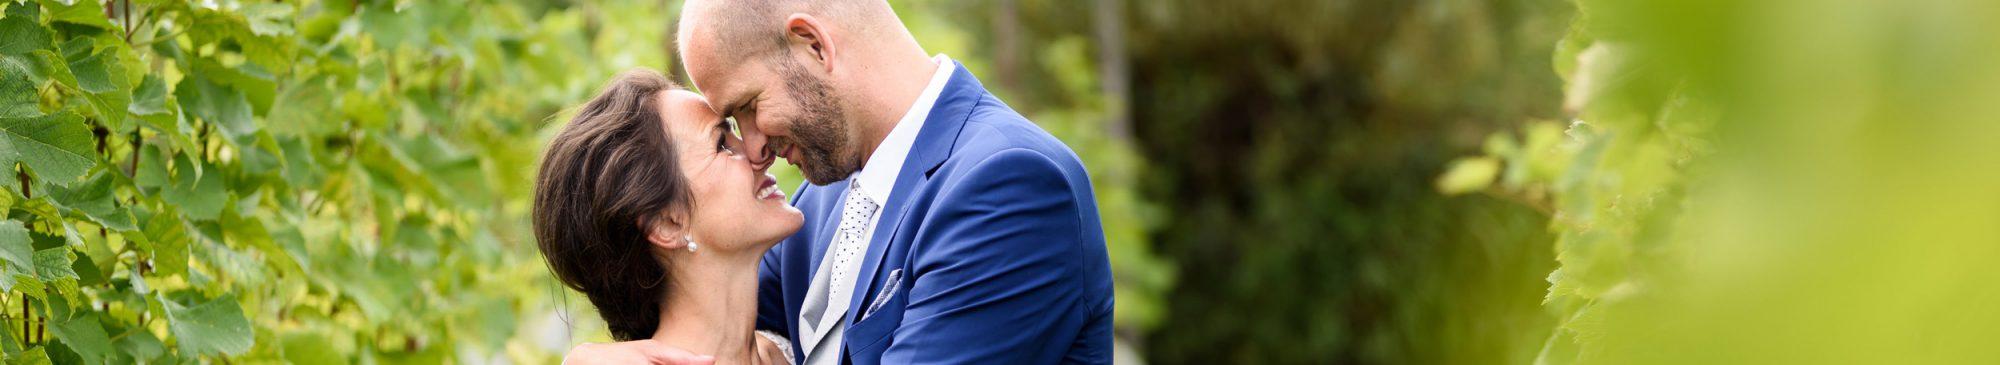 Header fotoshoot van het bruidspaar